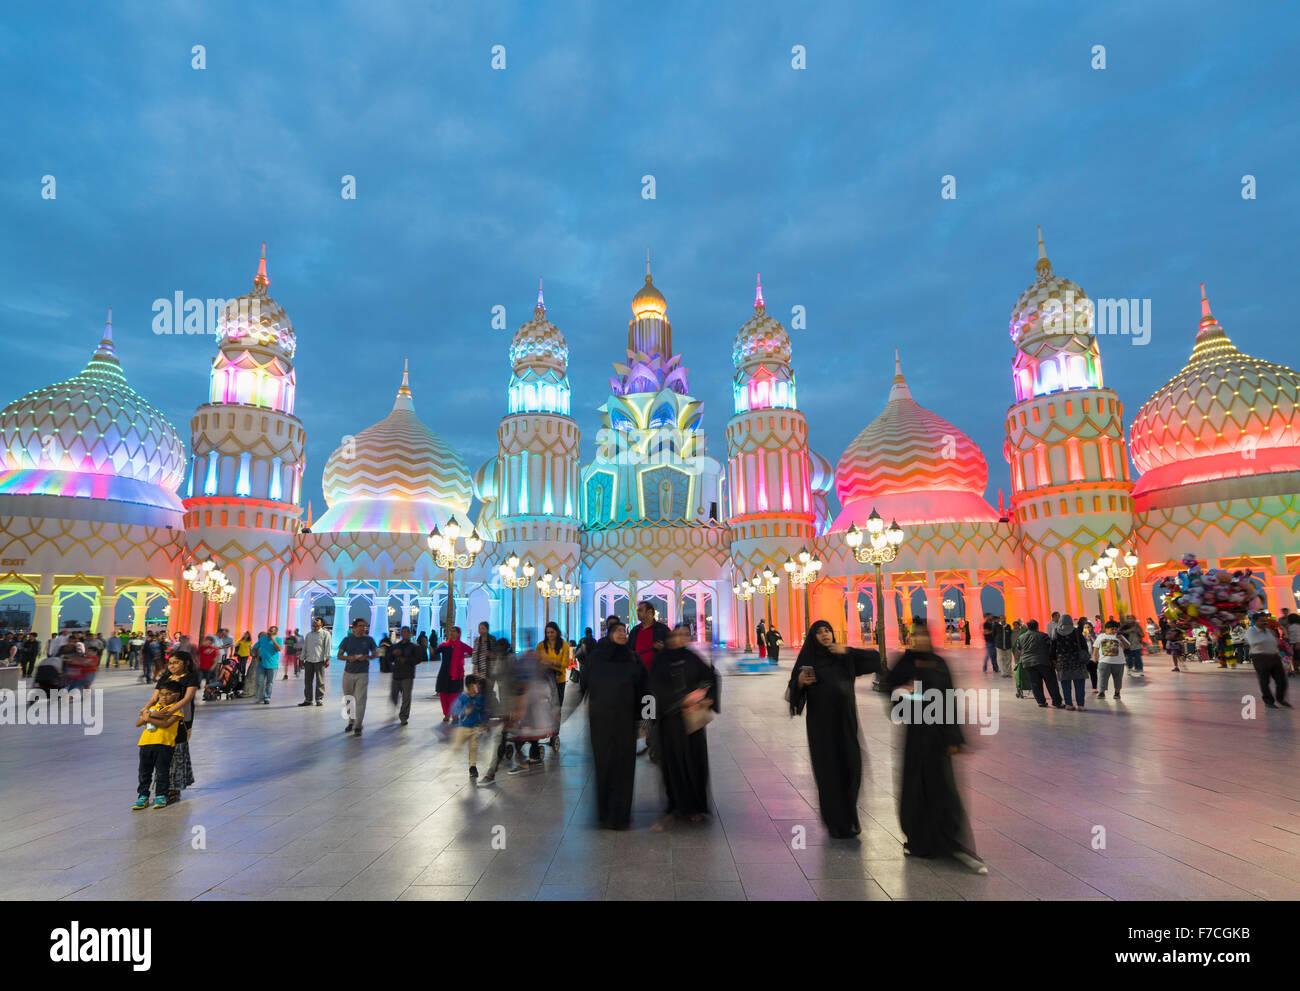 Vue de la porte illuminée le soir du monde au Village Mondial 2015 à Dubaï Émirats Arabes Unis Photo Stock